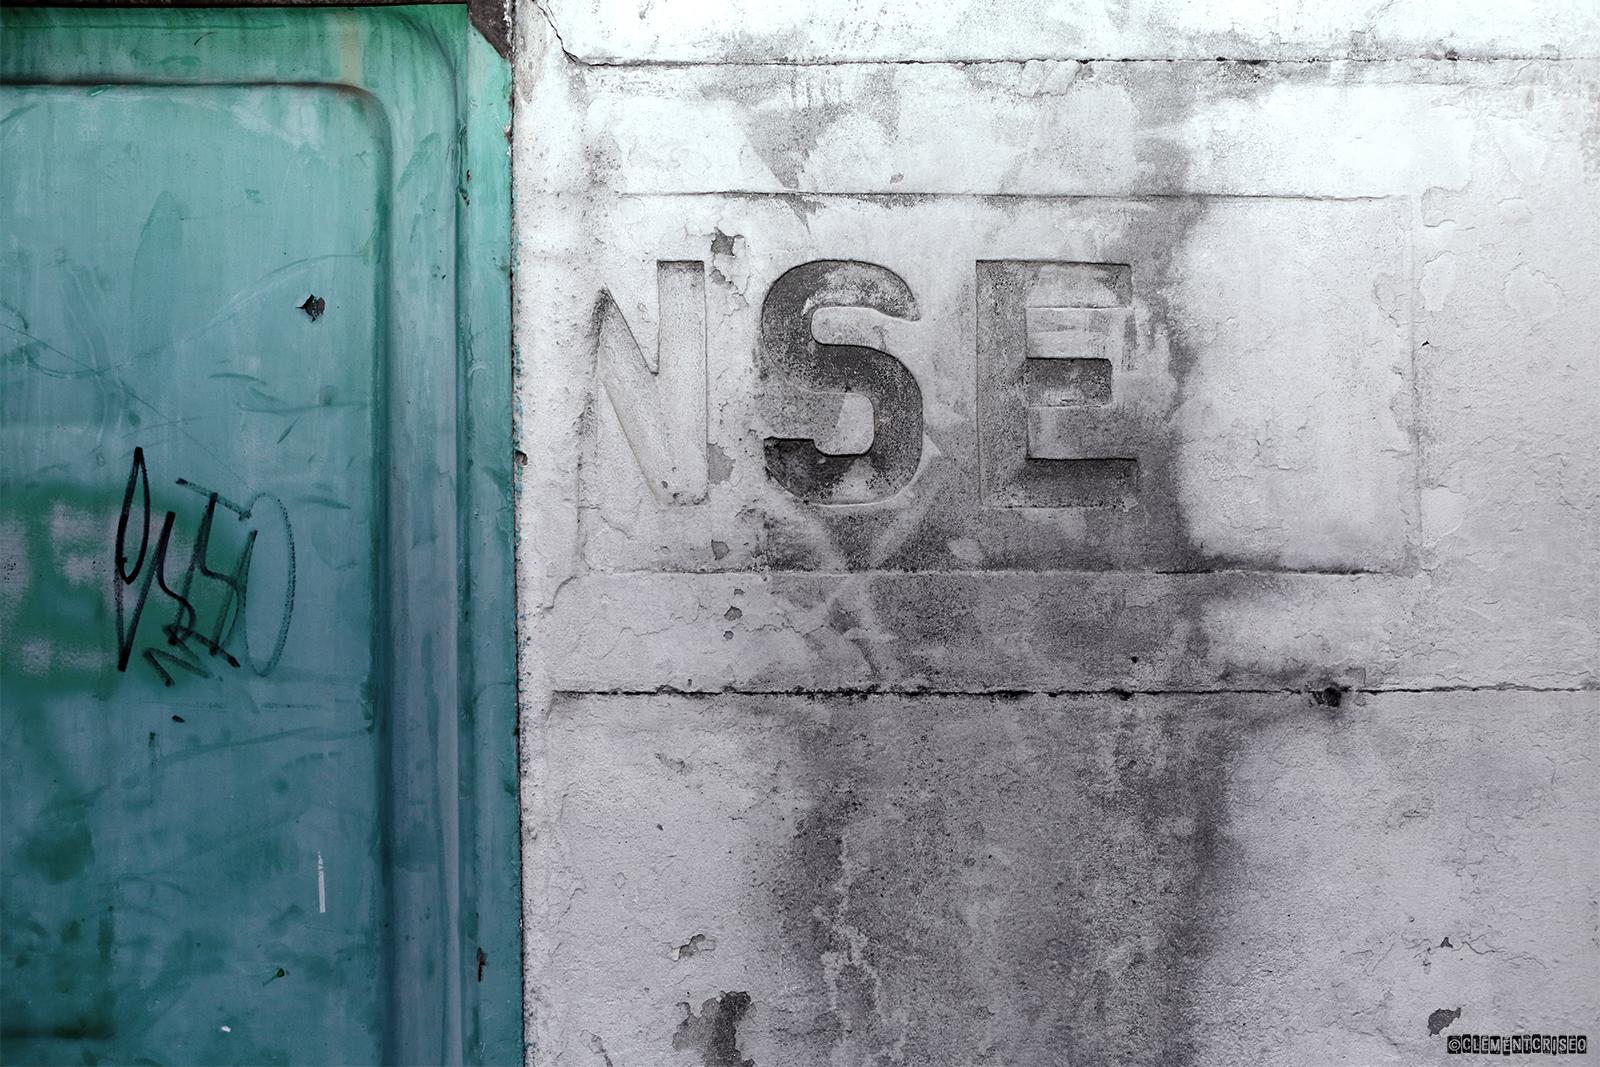 Esso…nse